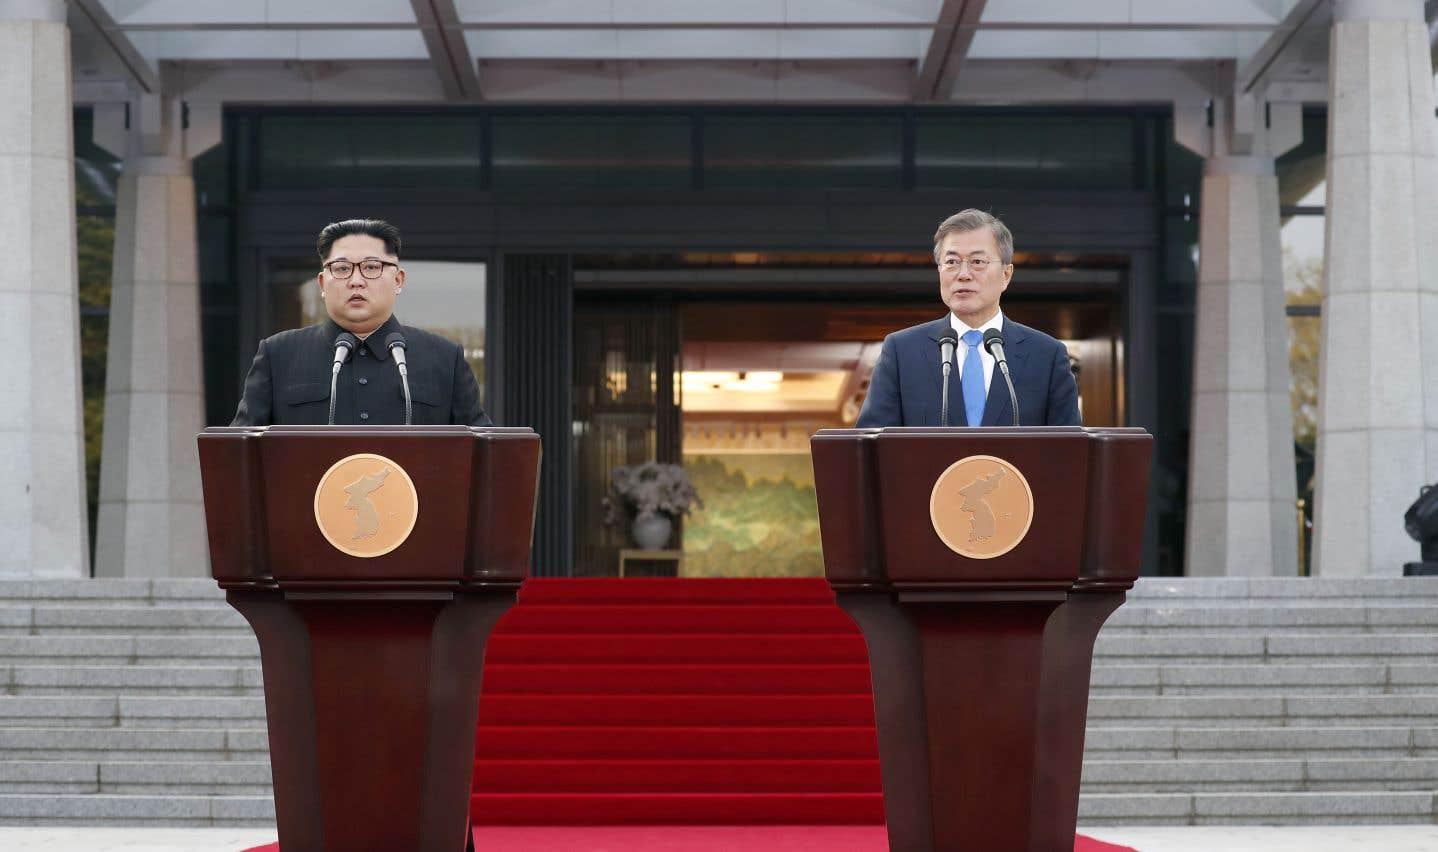 Les dirigeants des deux Corées livrent une déclaration conjointe à la fin du sommet.